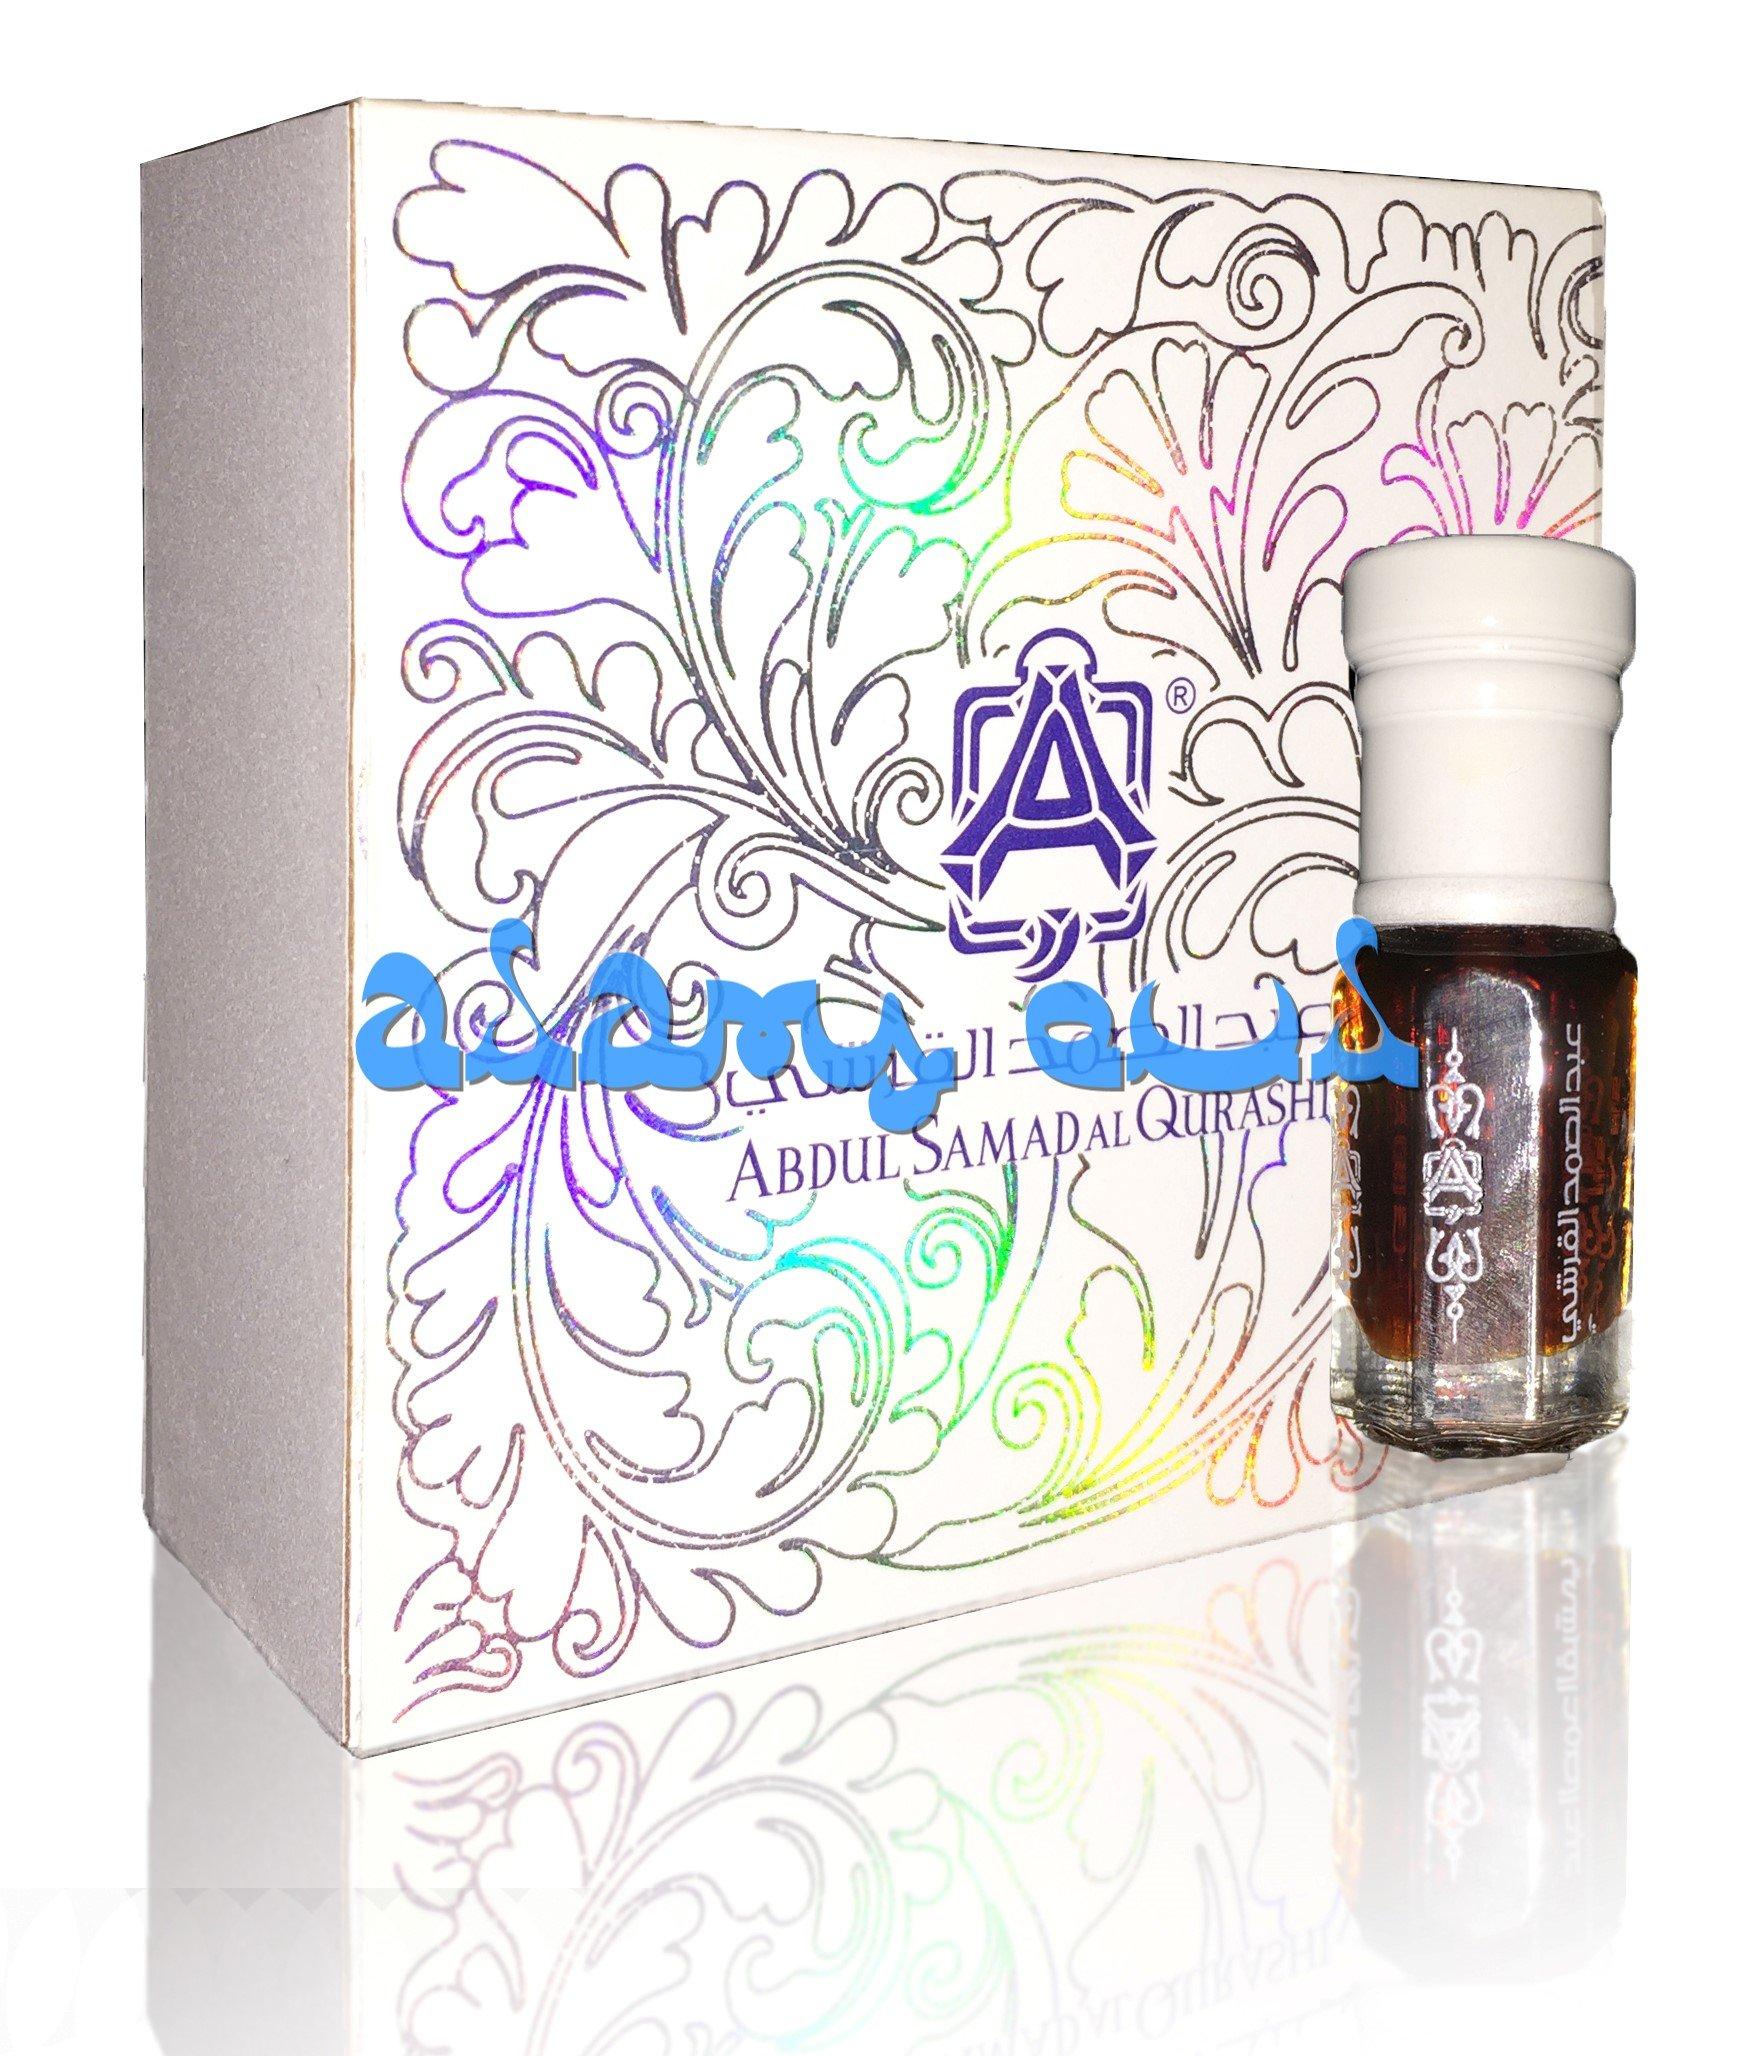 Special Cambodi Dahn Oud by Abdul Samad al Qurashi - 6ml Oil Based Attar - Cambodian Dehn Oudh